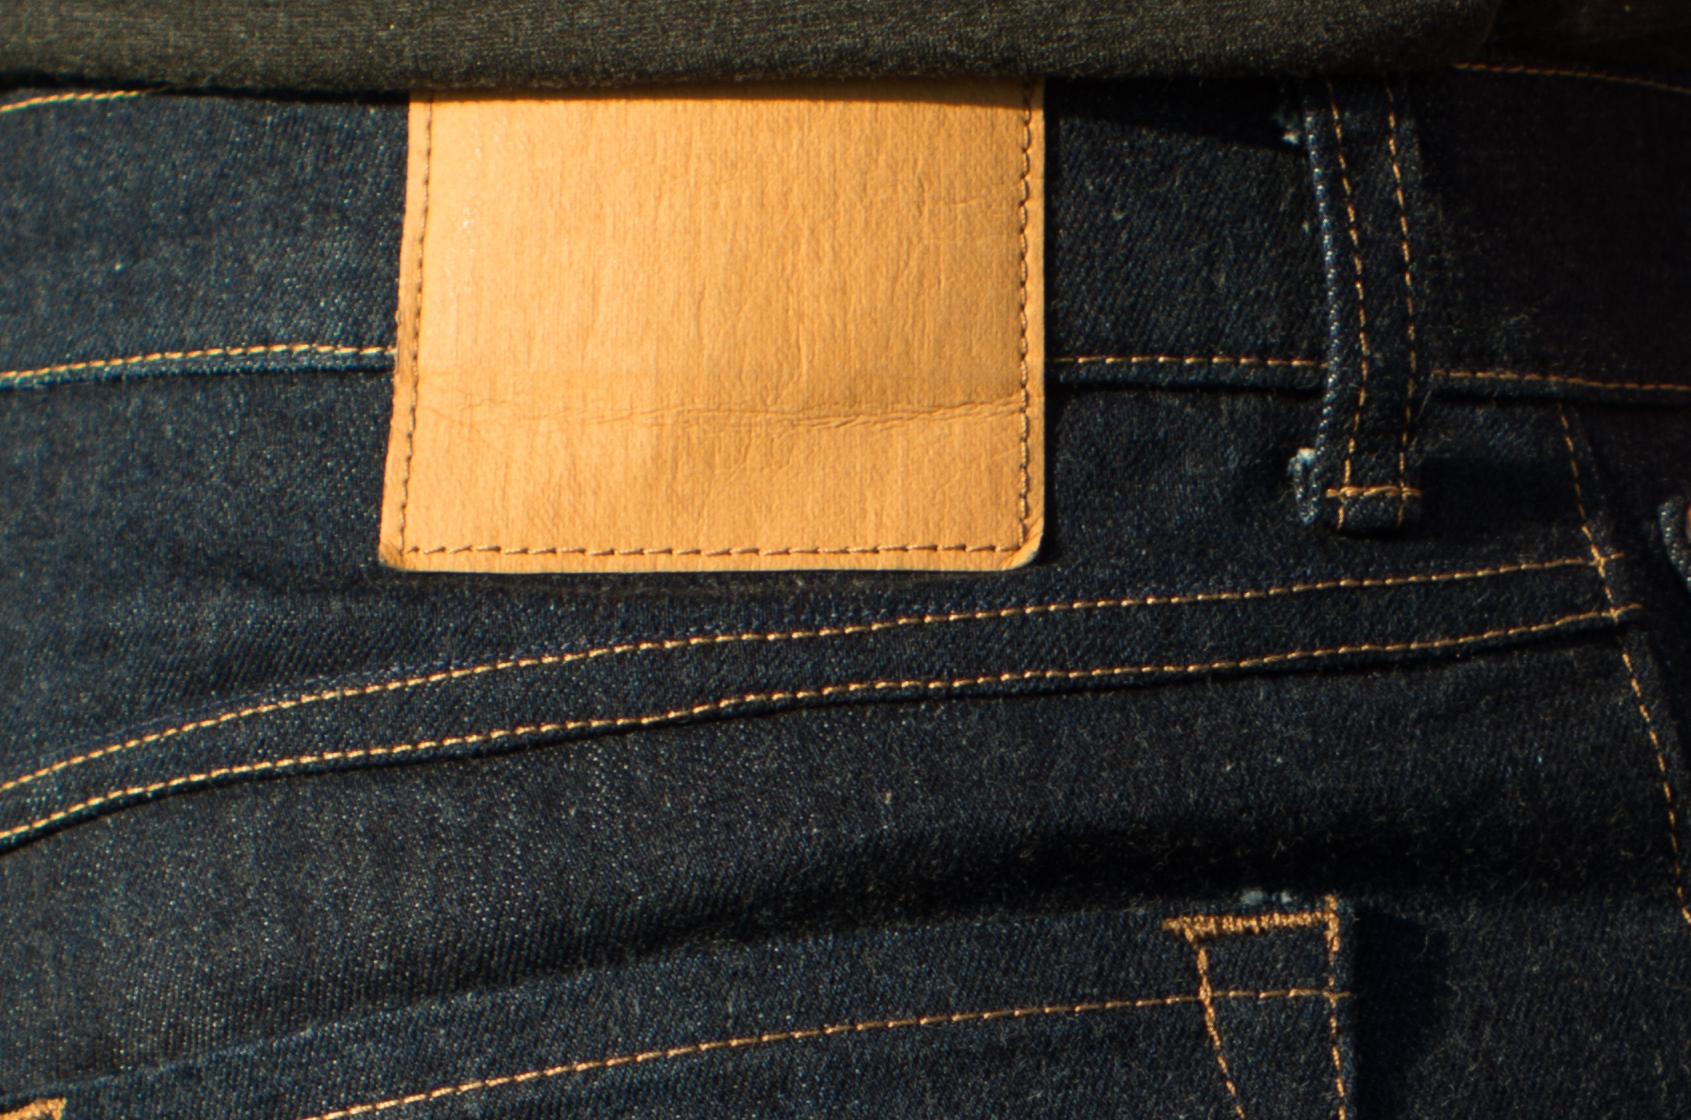 Quadra mens jeans sewing pattern-11